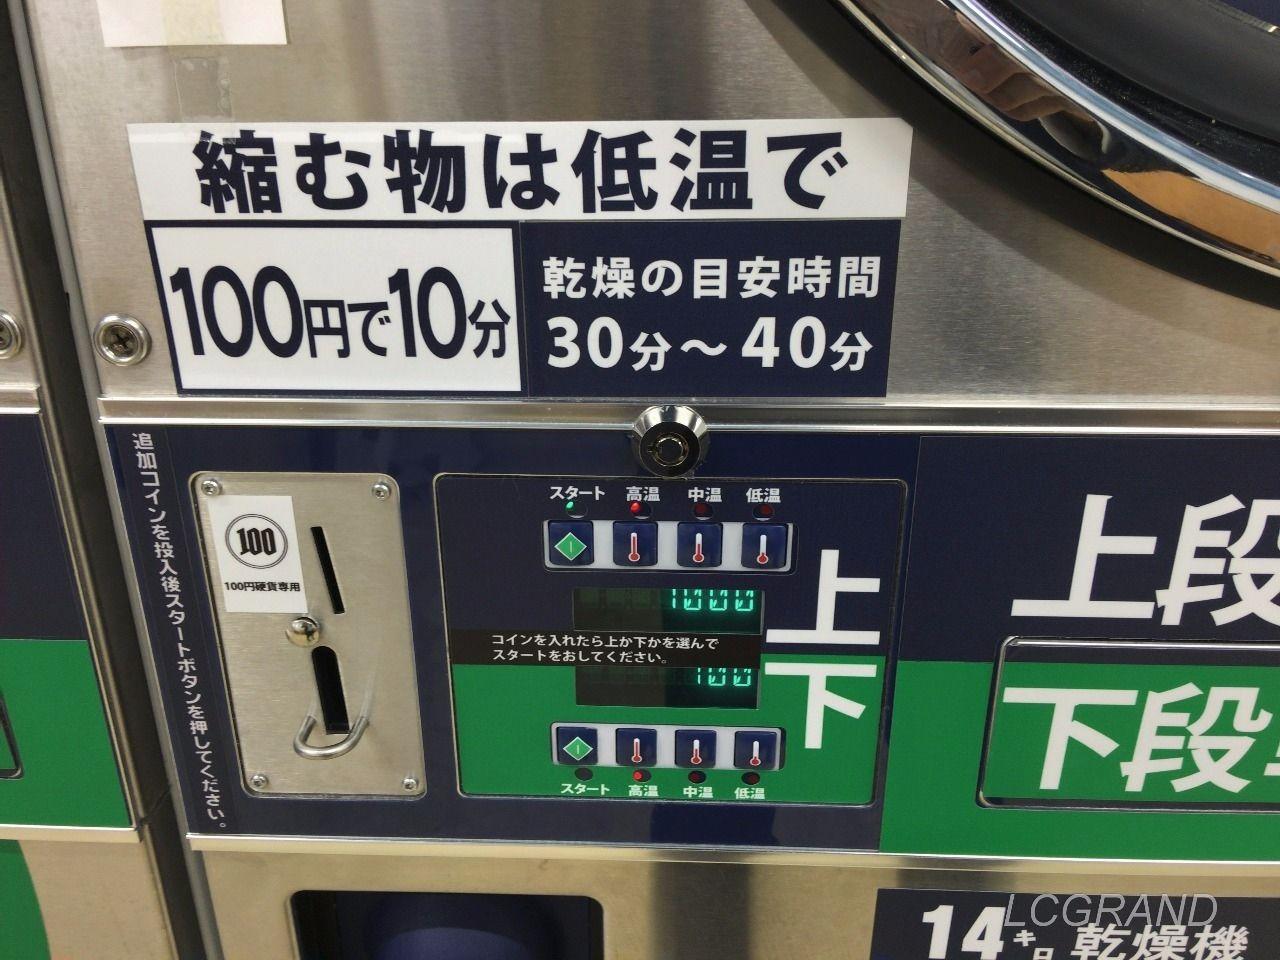 高温、中温、低温と選べる乾燥機